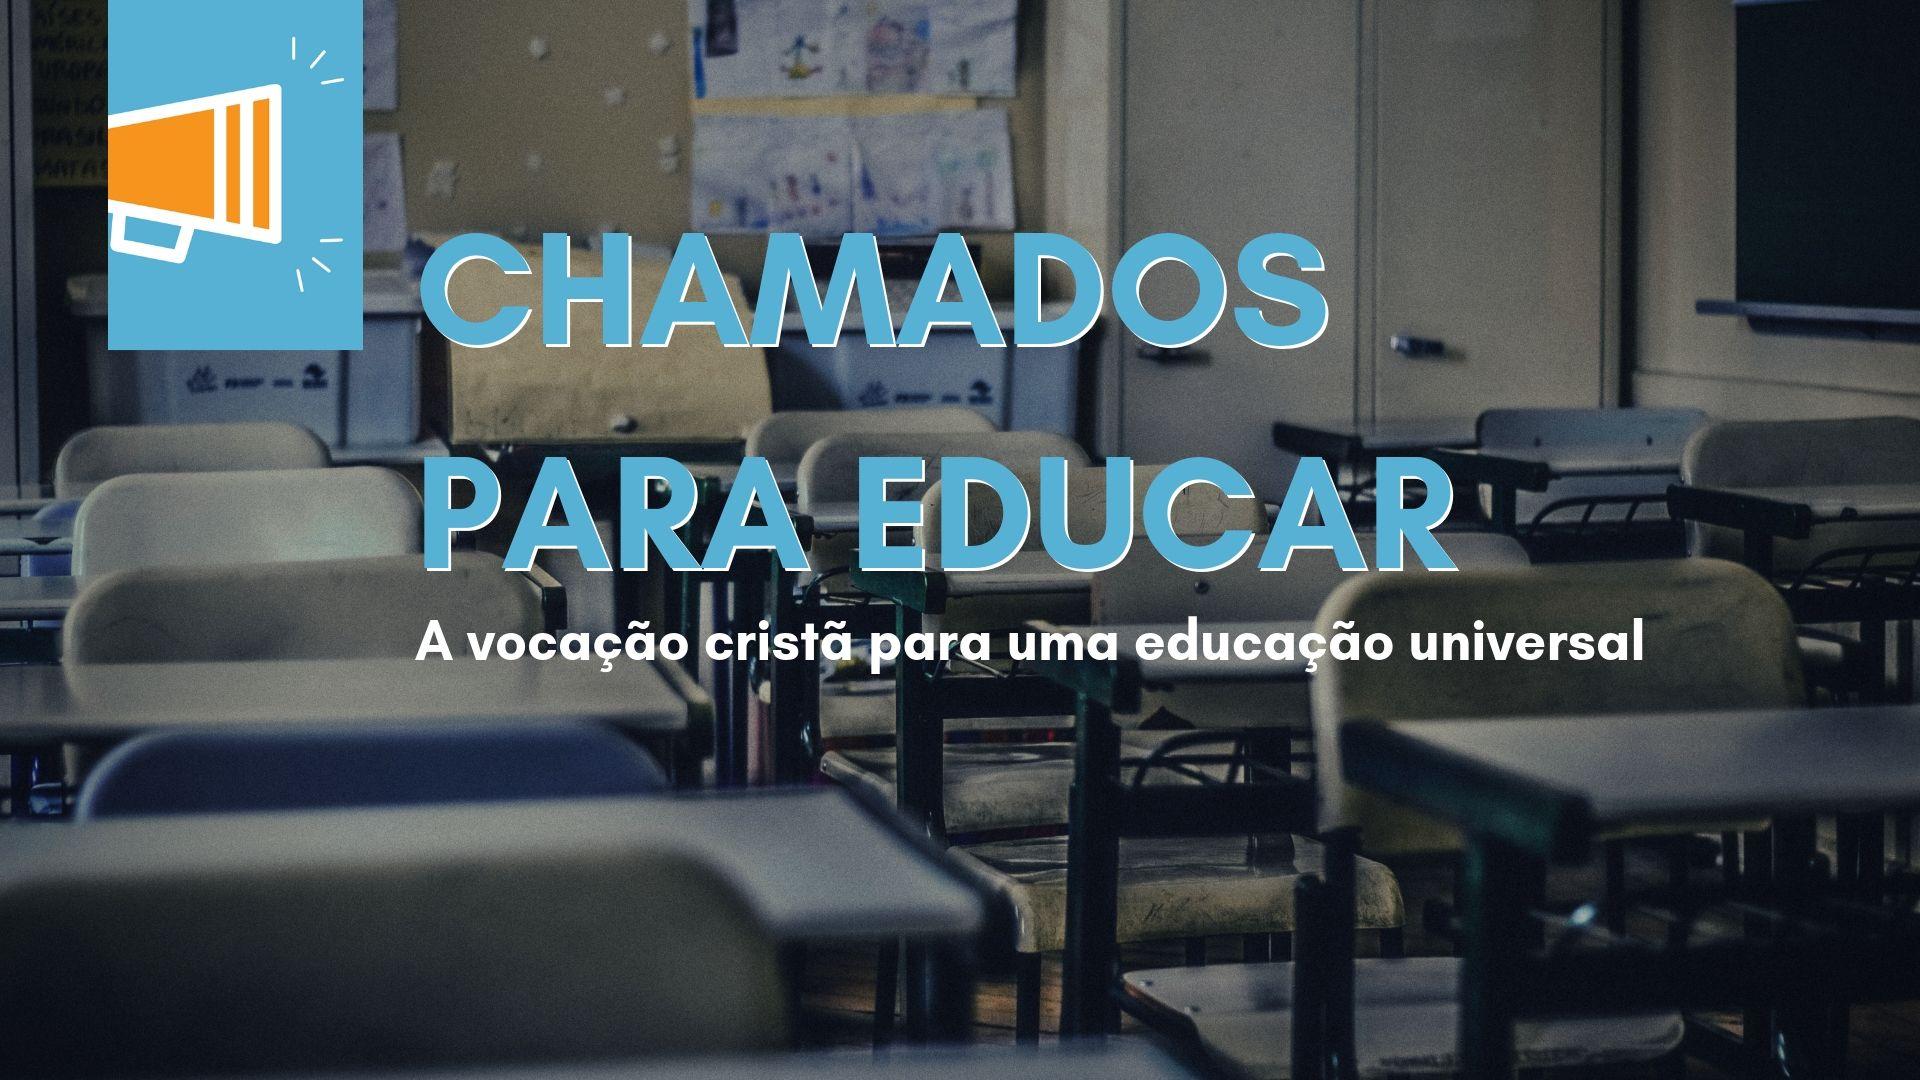 Chamados para Educar